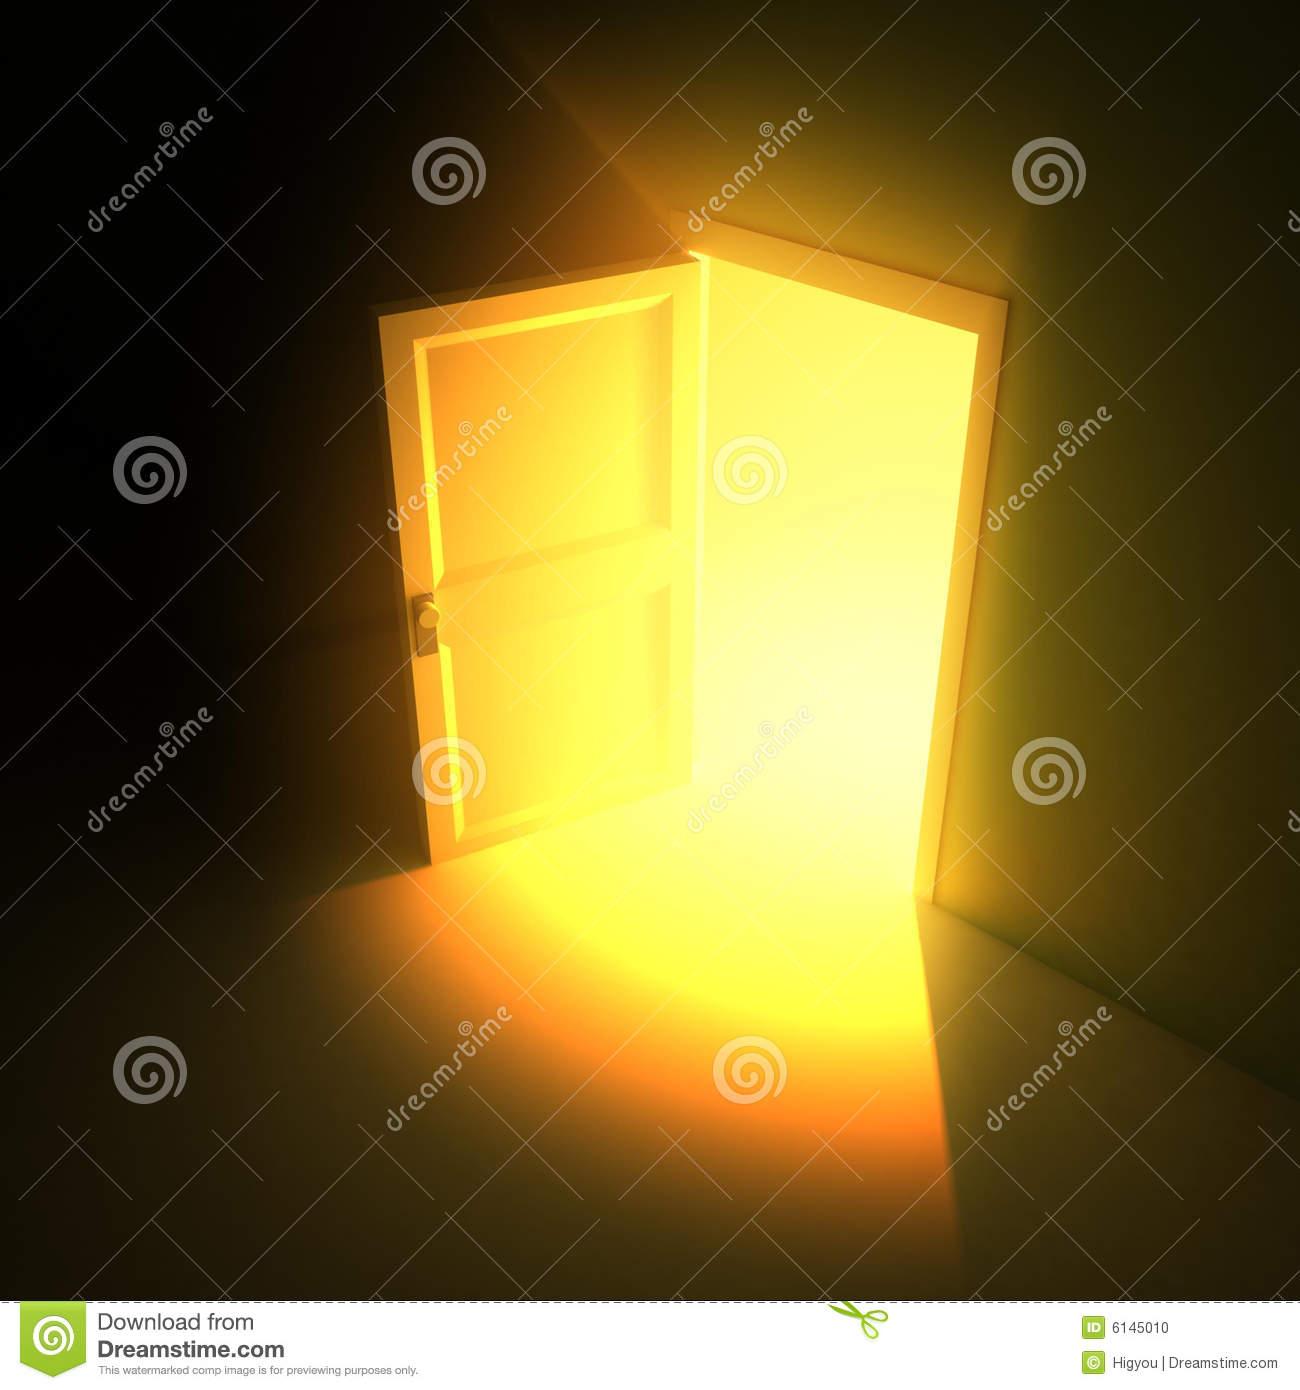 Open door clipart light.